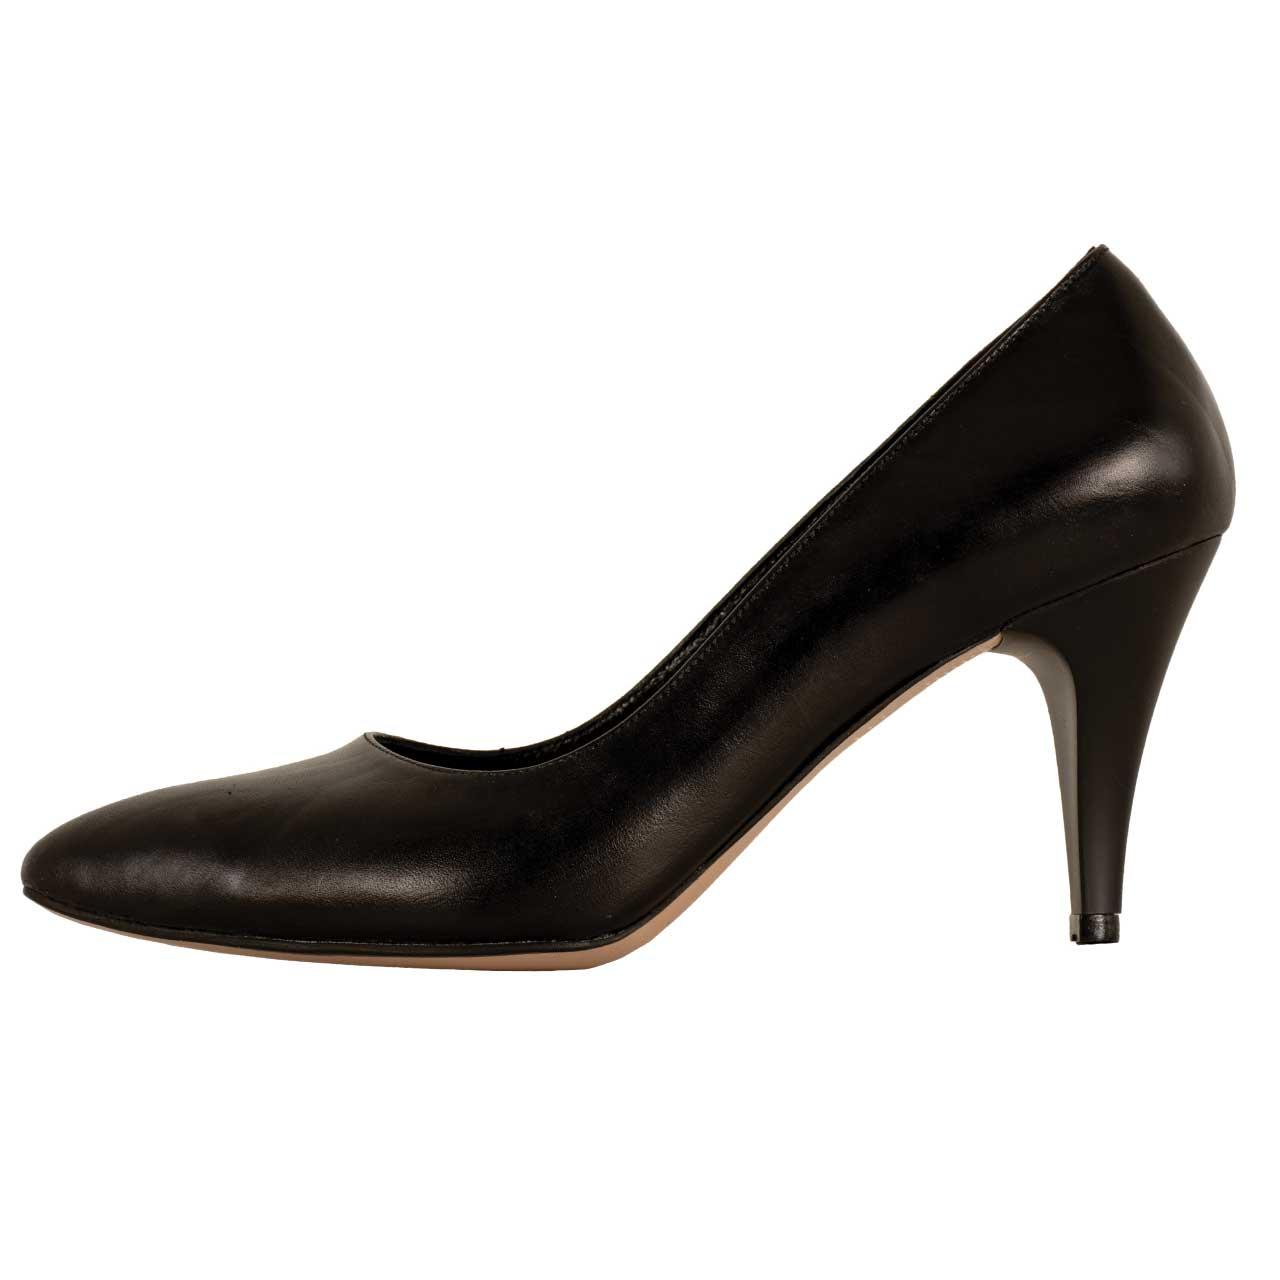 کفش زنانه پارینه چرم مدل show44